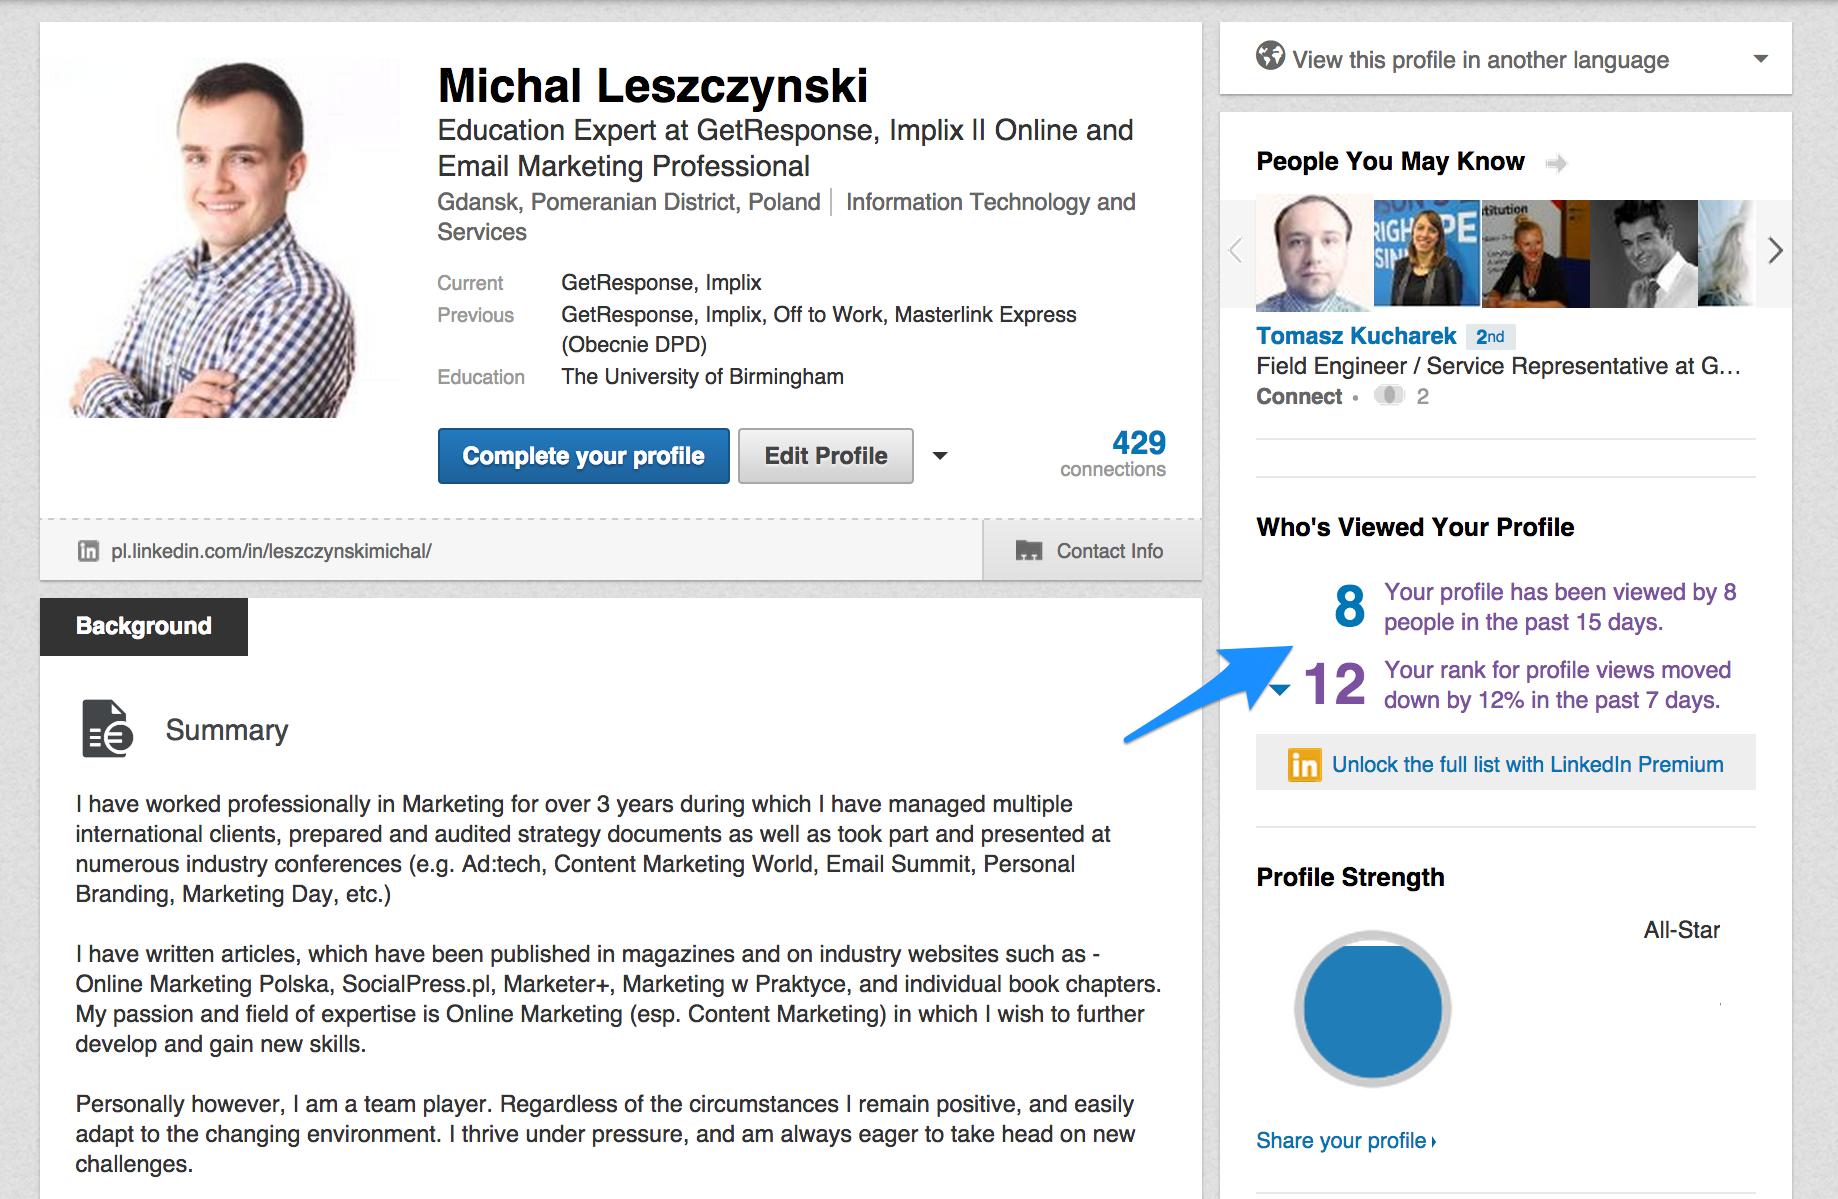 LinkedIn 1 - kto wyświetlał Twój profil